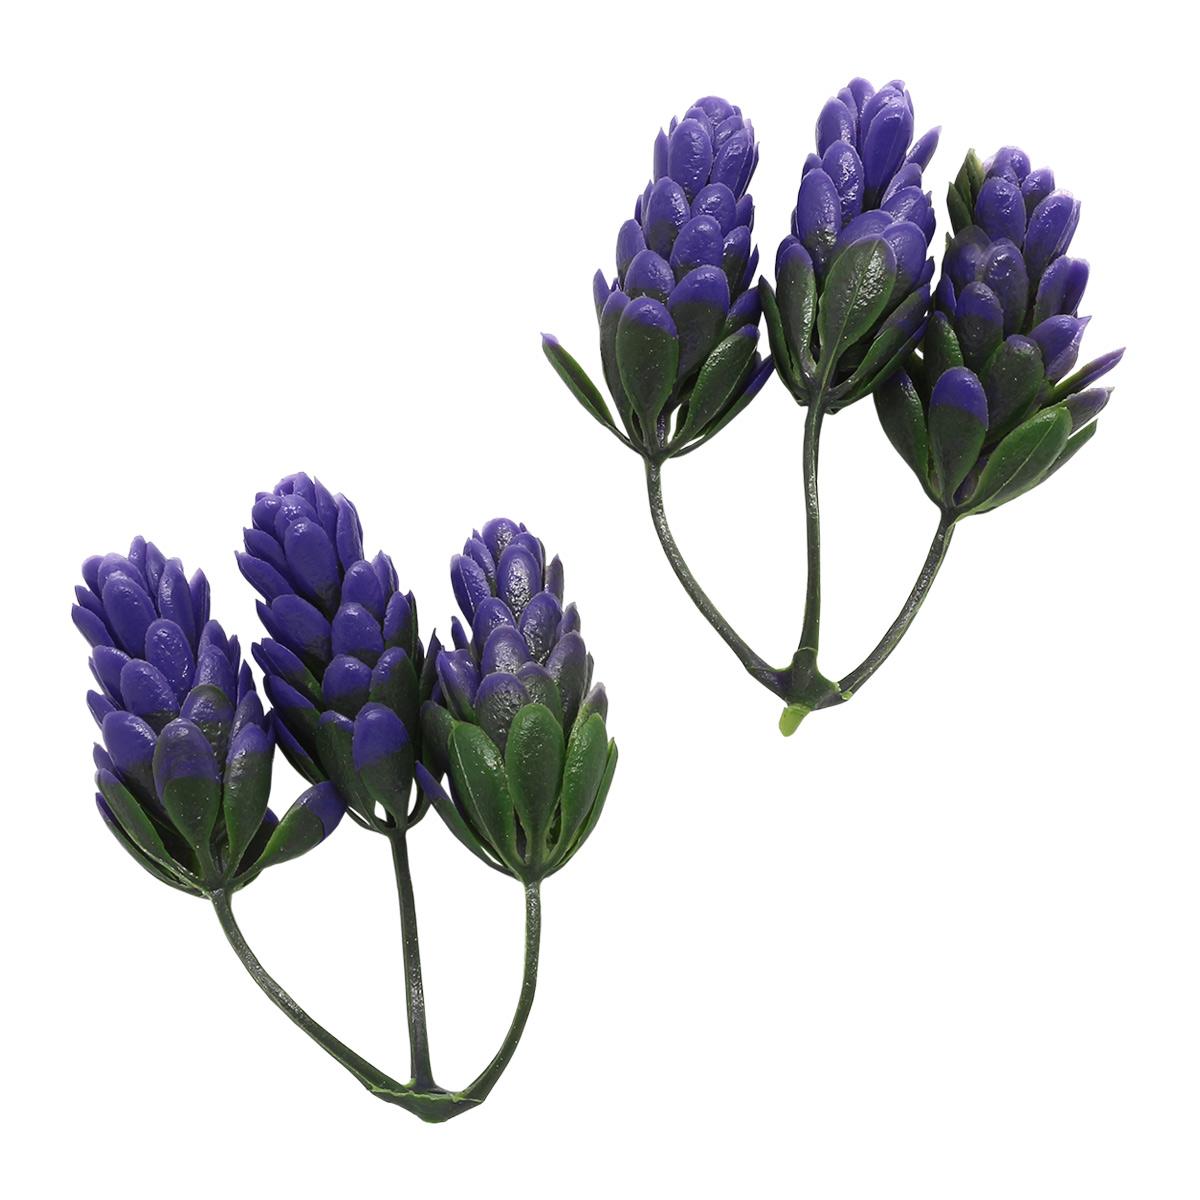 2AR171 Декоративный хмель 6,5см (фиолетовый)